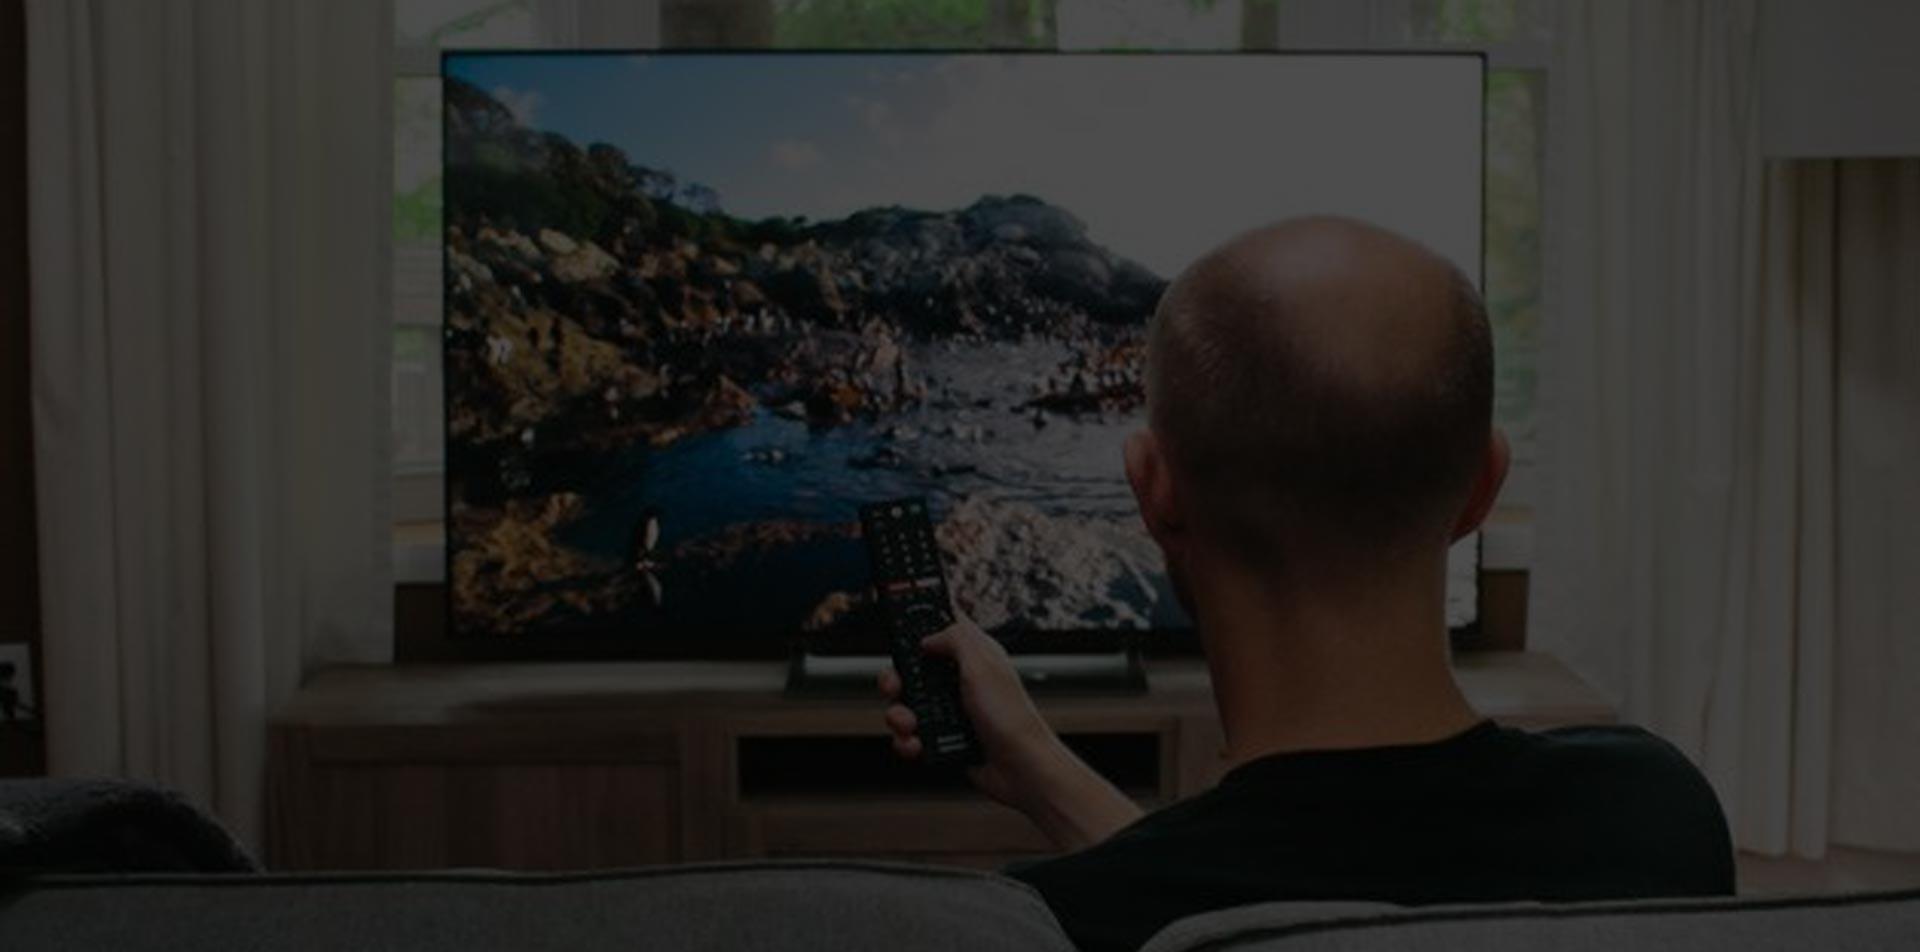 تعمیر تلویزیون صنام در منزل